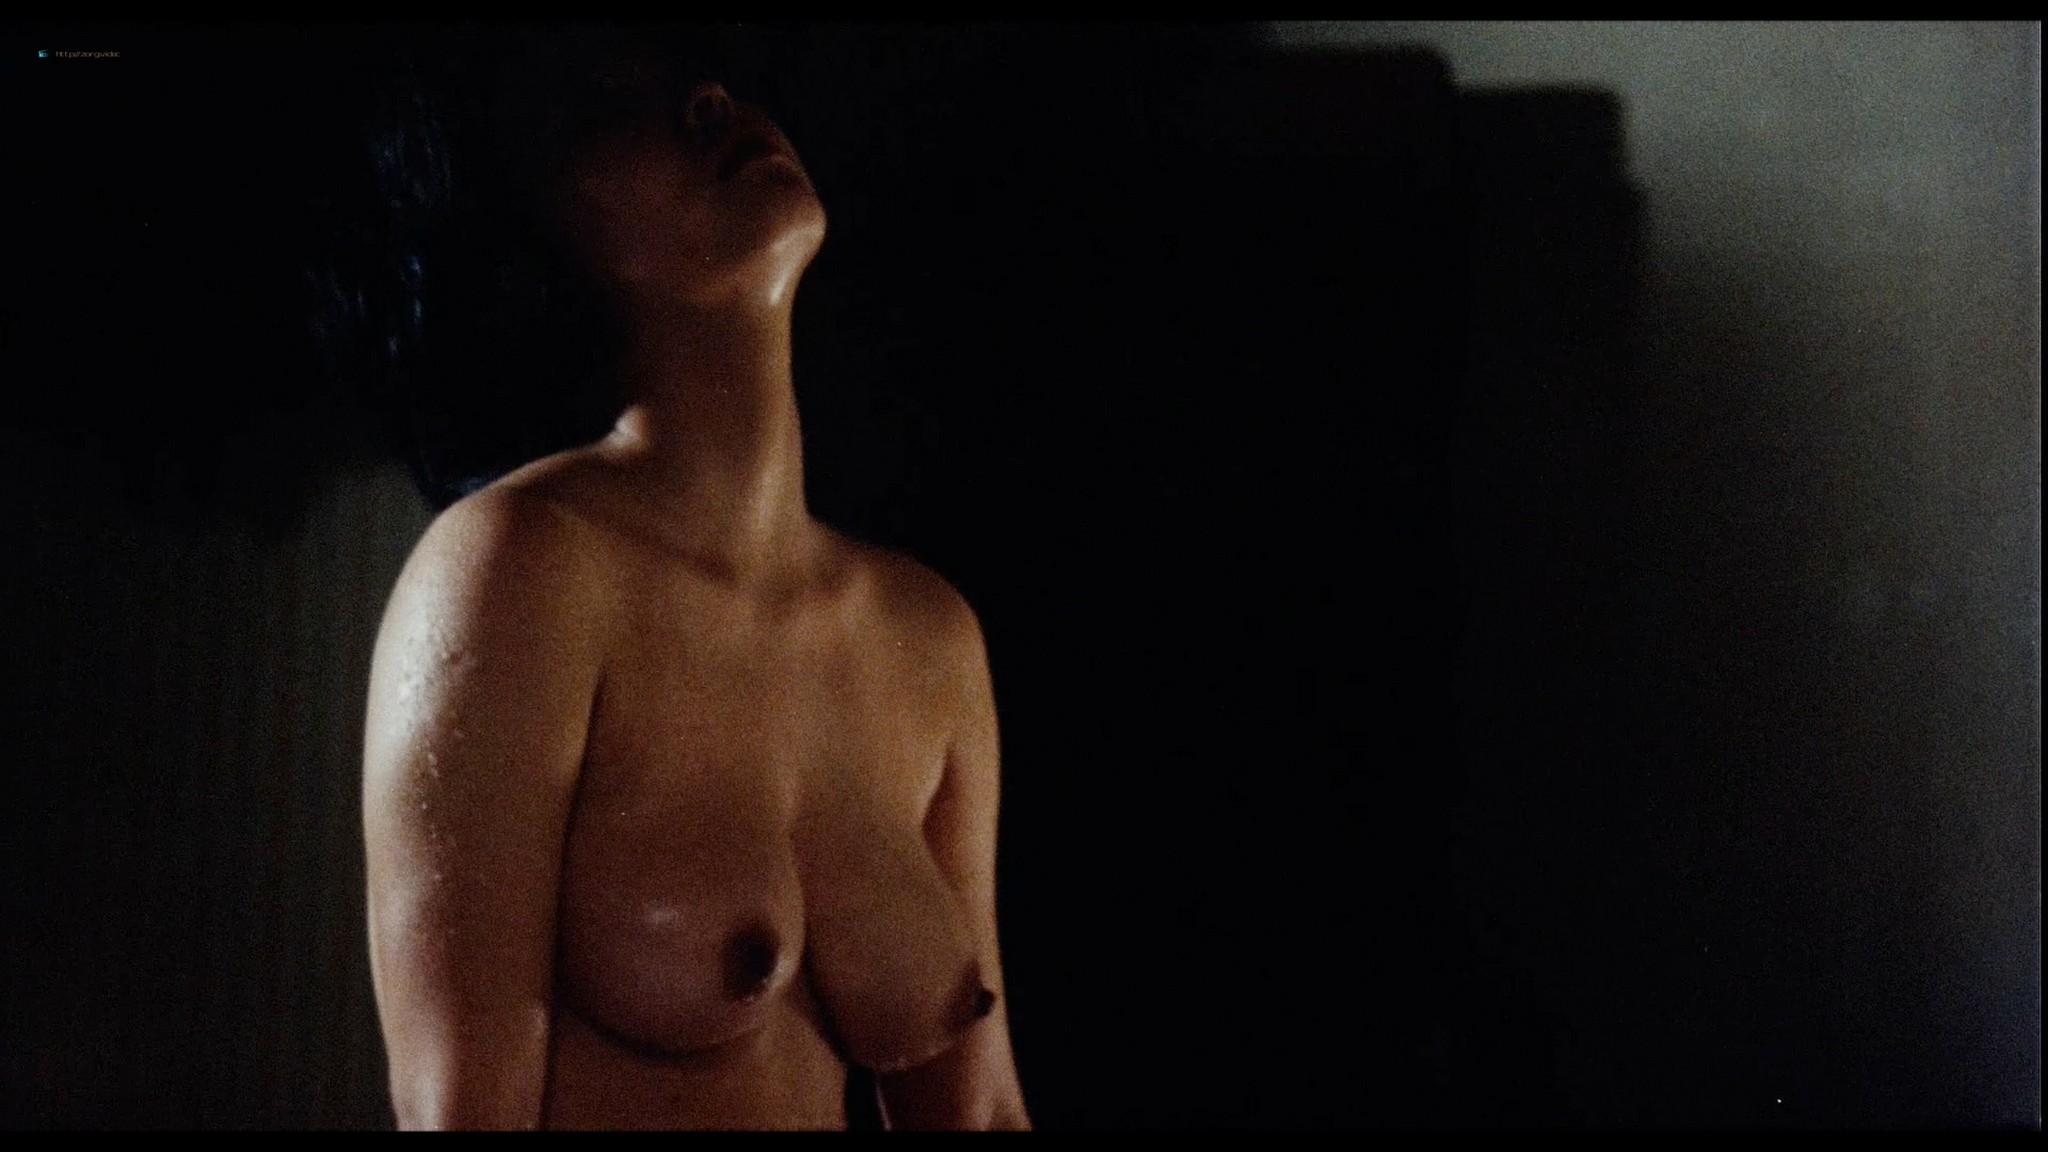 Miki Yamaji nude sex Kaoru Kaze and others nude - Abnormal Family (1984) HD 1080p BluRay (14)